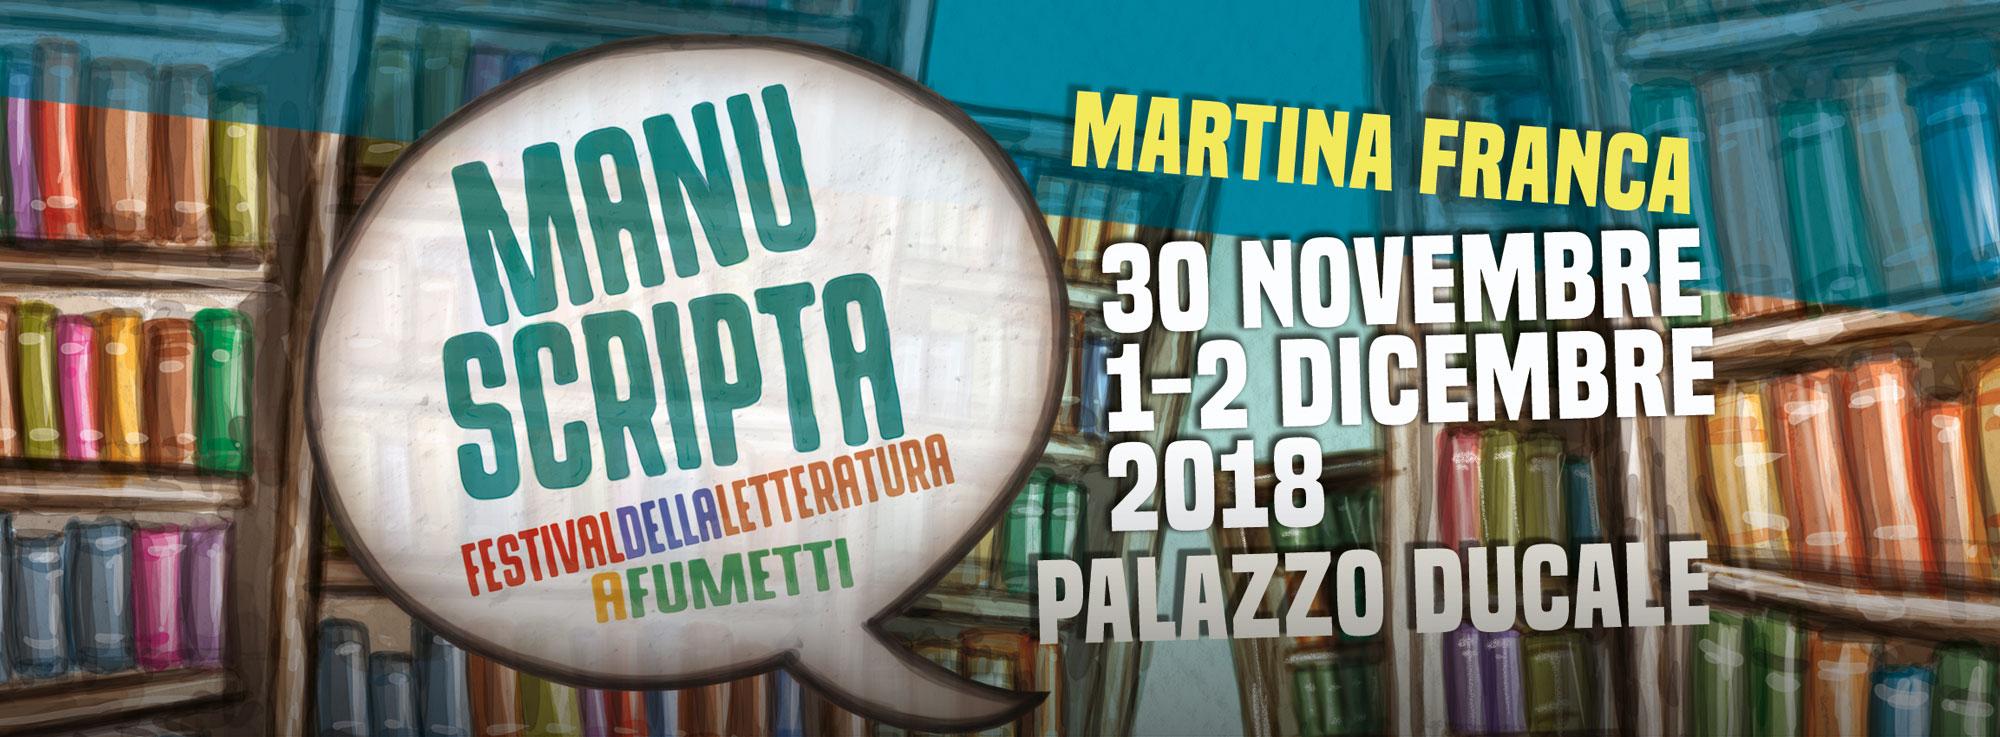 Martina Franca: Manuscripta - Festival della letteratura a fumetti